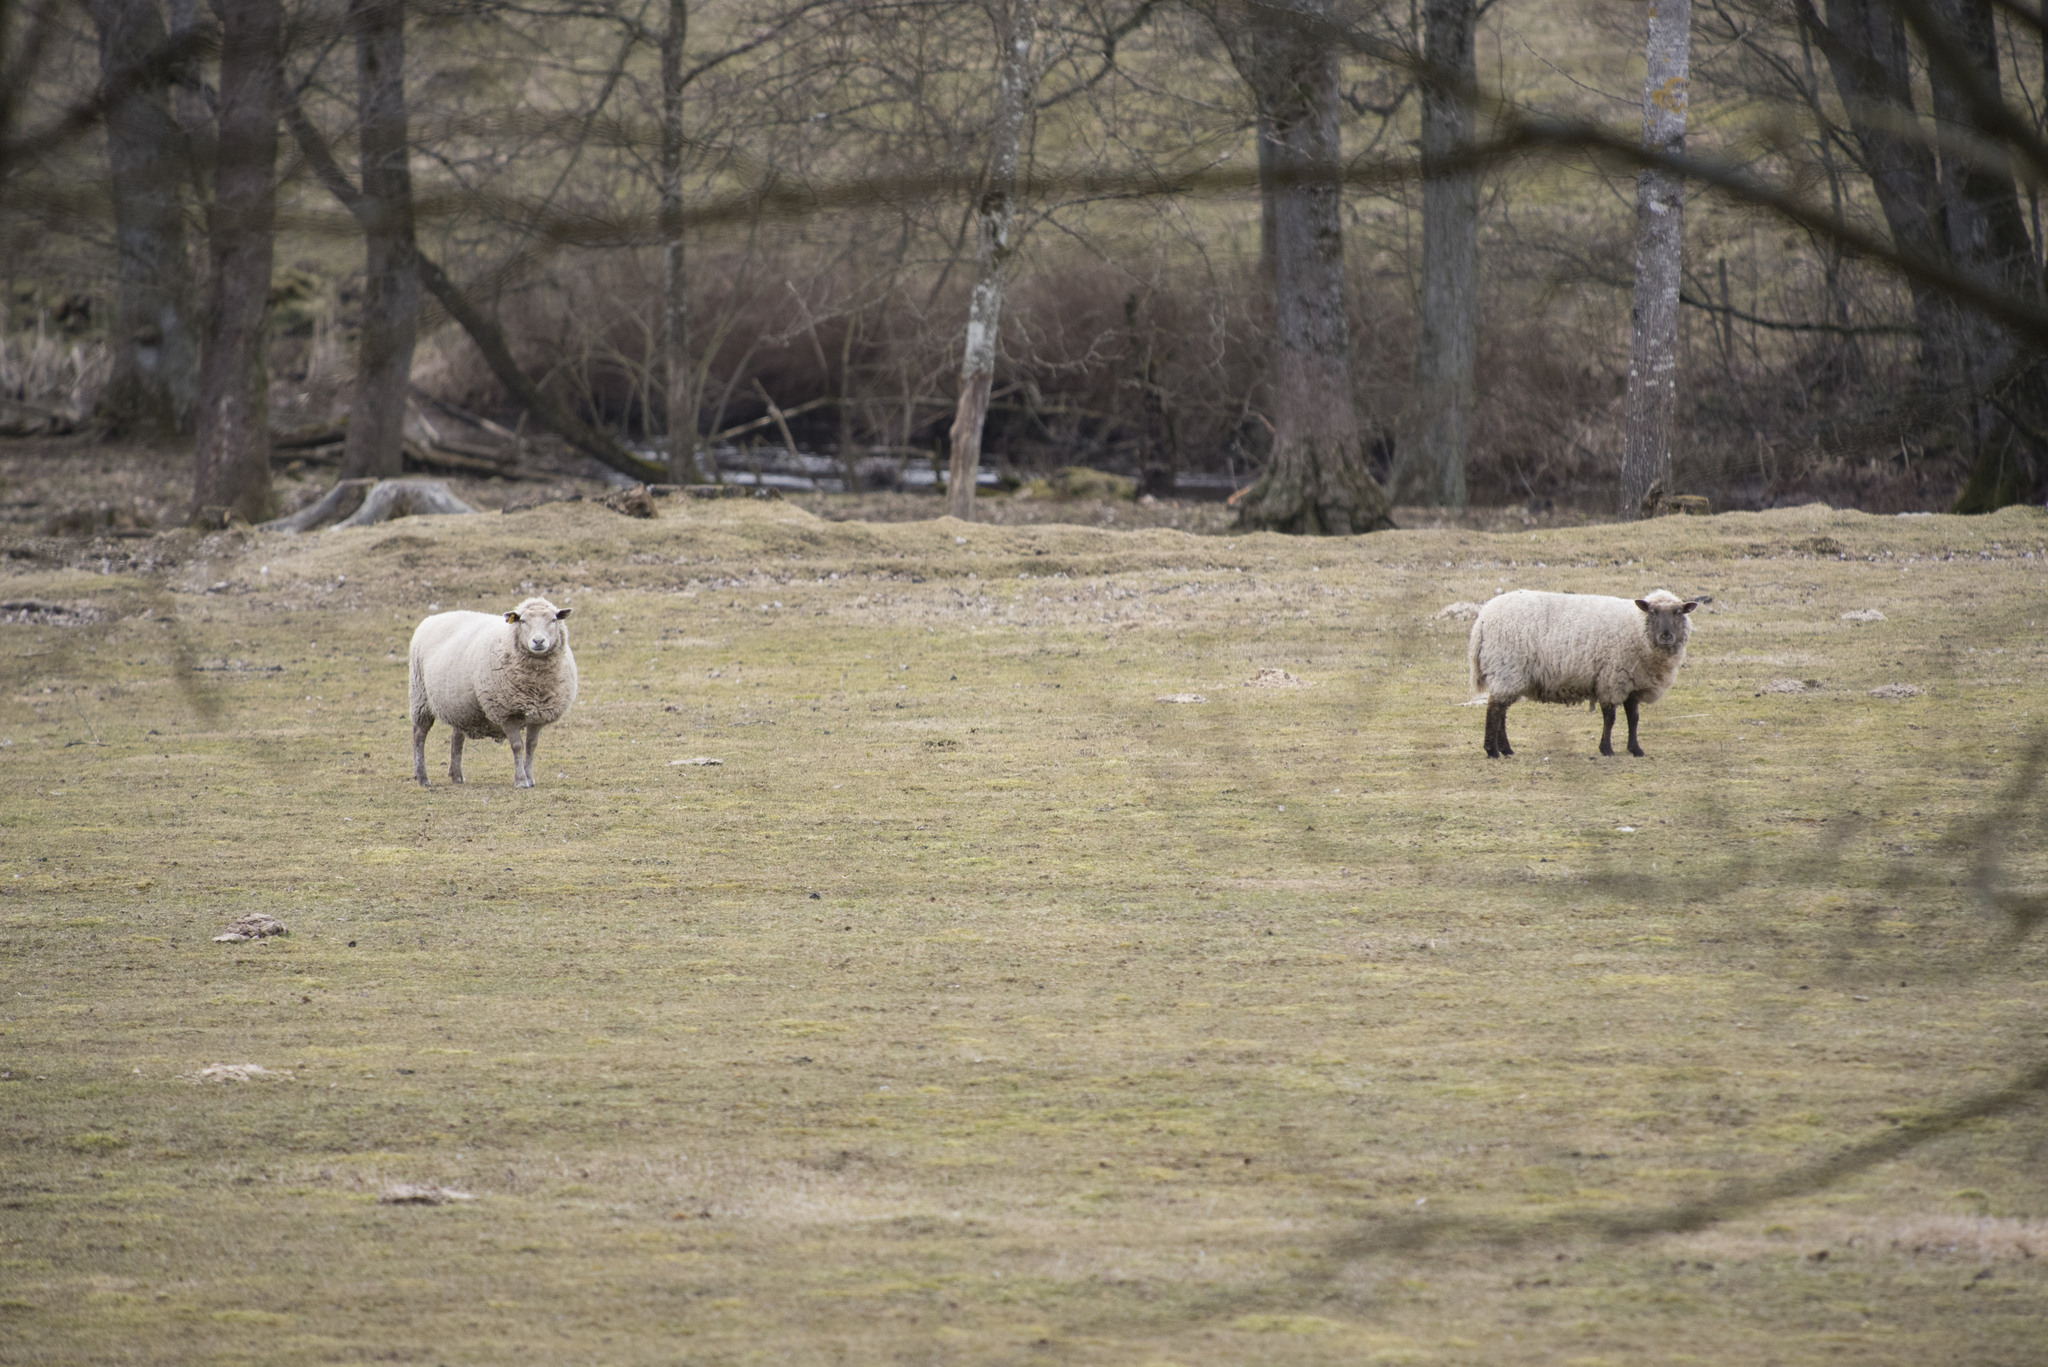 En allt ovanligare syn. Regeringen tar inte landsbygden på allvar och vargens härjningar äventyrare tamdjurshållningen, skriver debattörerna. Foto: Jan Henricson